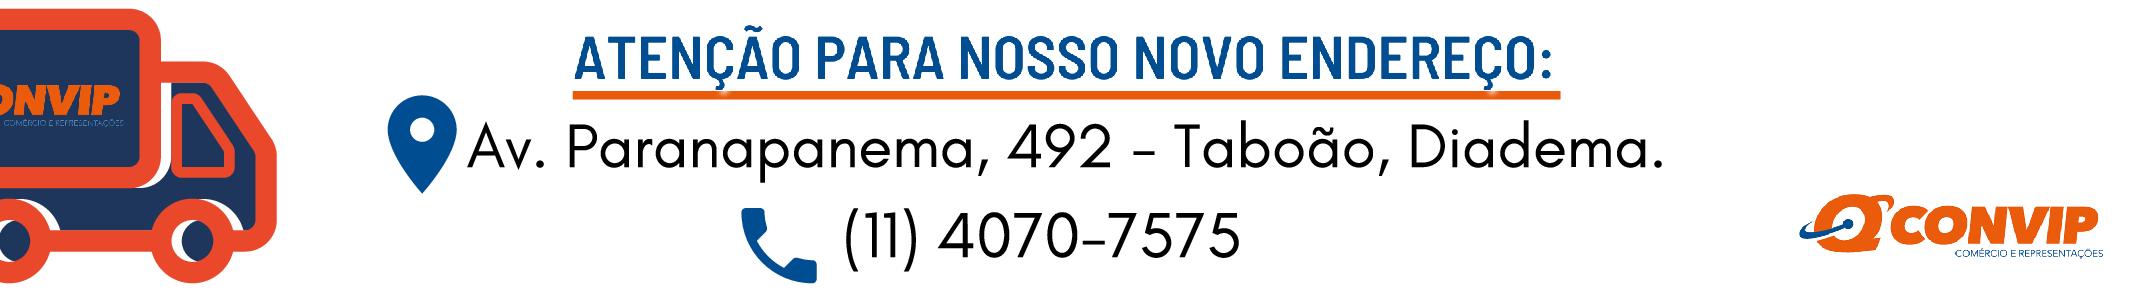 Novo endereço + telefone